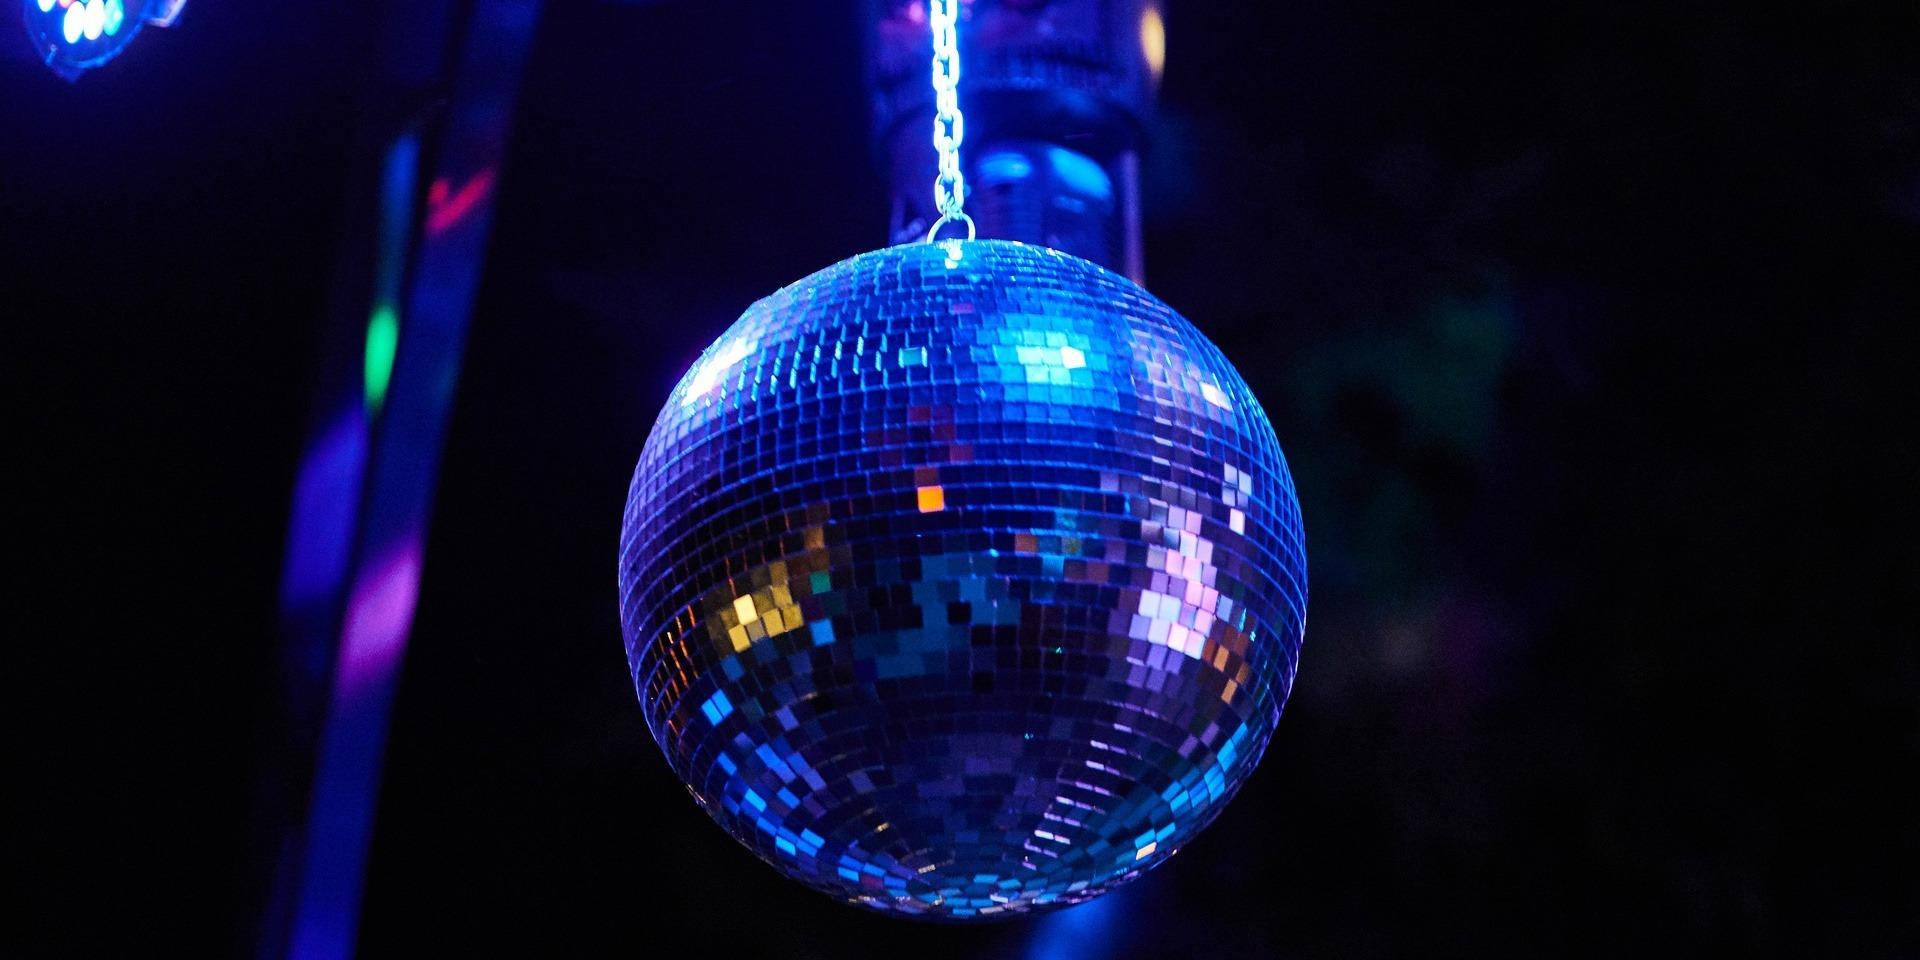 Réouverture le 9 juillet des discothèques avec jauges et pass sanitaire